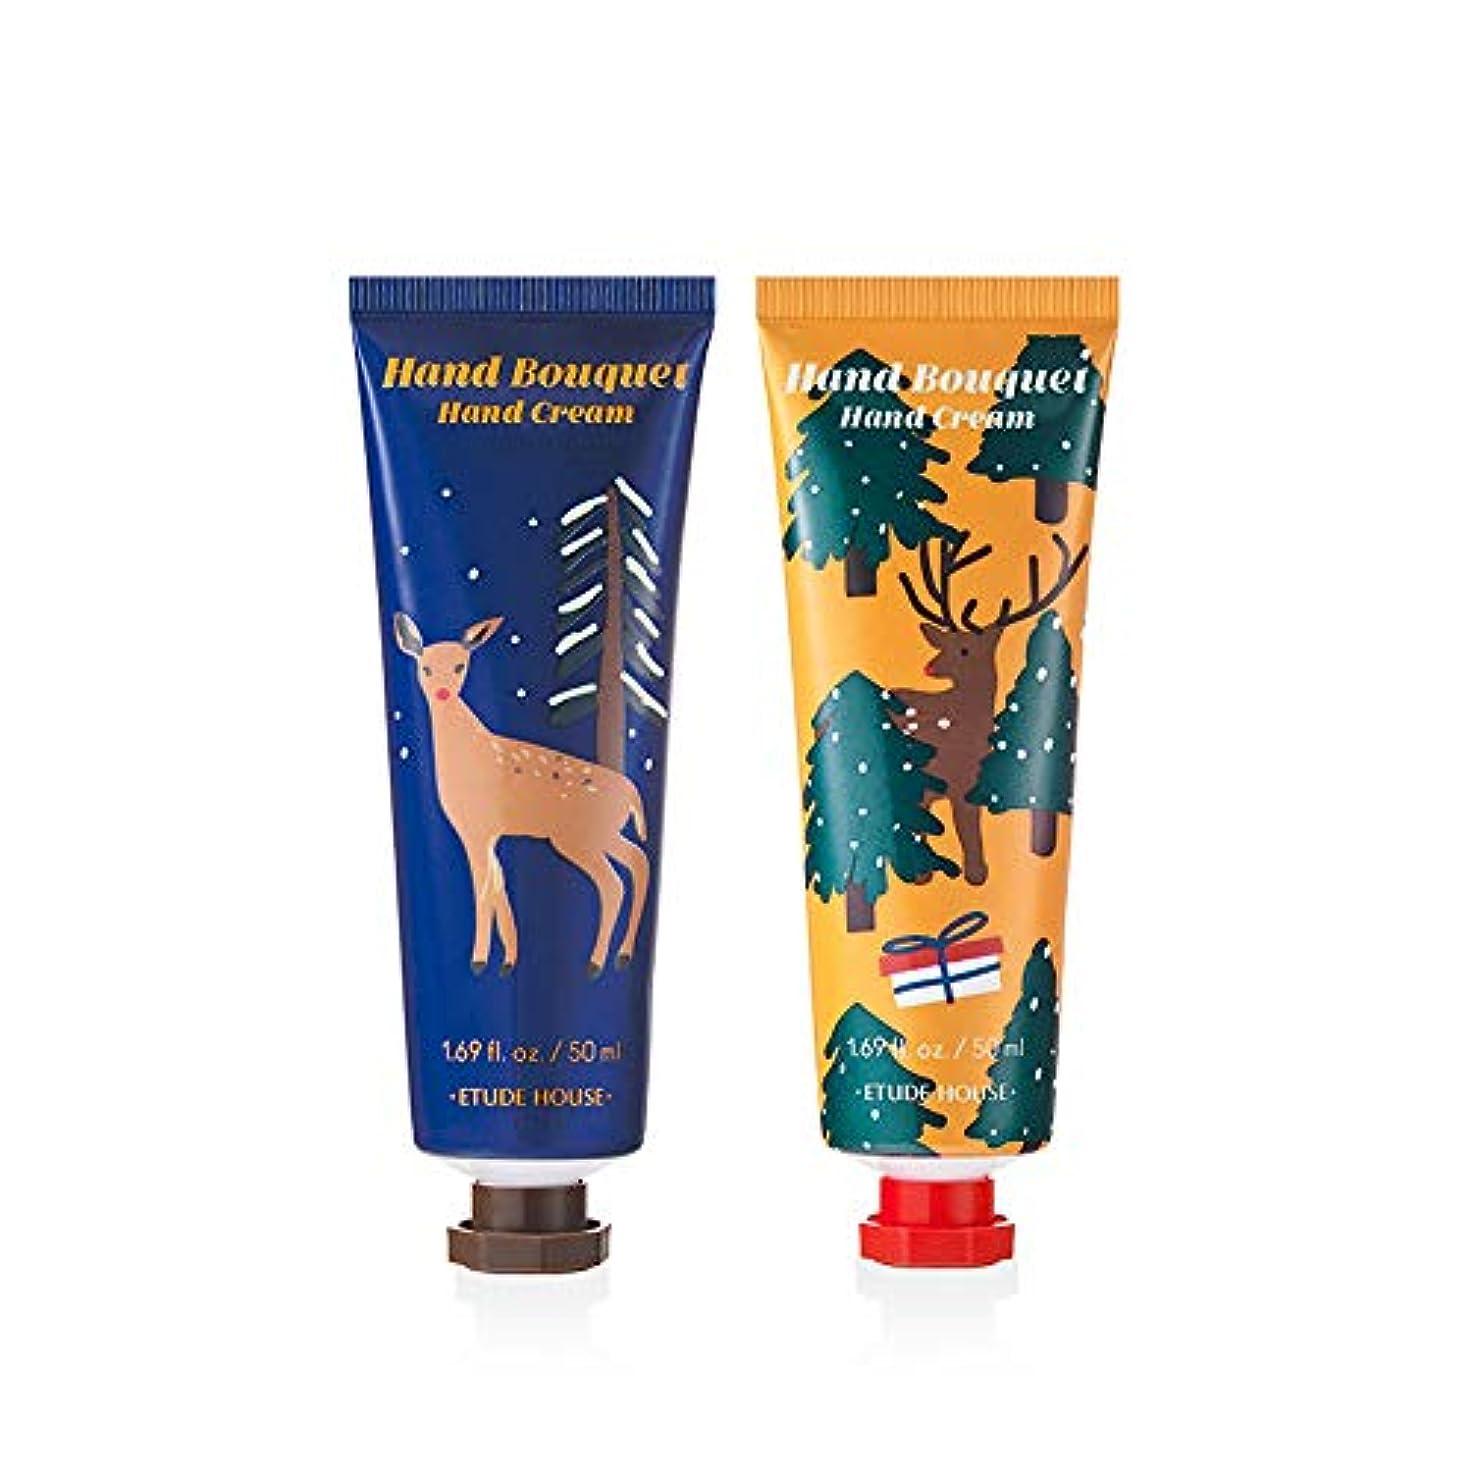 間接的不誠実シェルエチュードハウスルドルフハンドブーケ ハンドクリームセットEtude House Rudolph, Coming To Town Hand Bouquet Hand Cream 2 Kinds Set [Holiday...